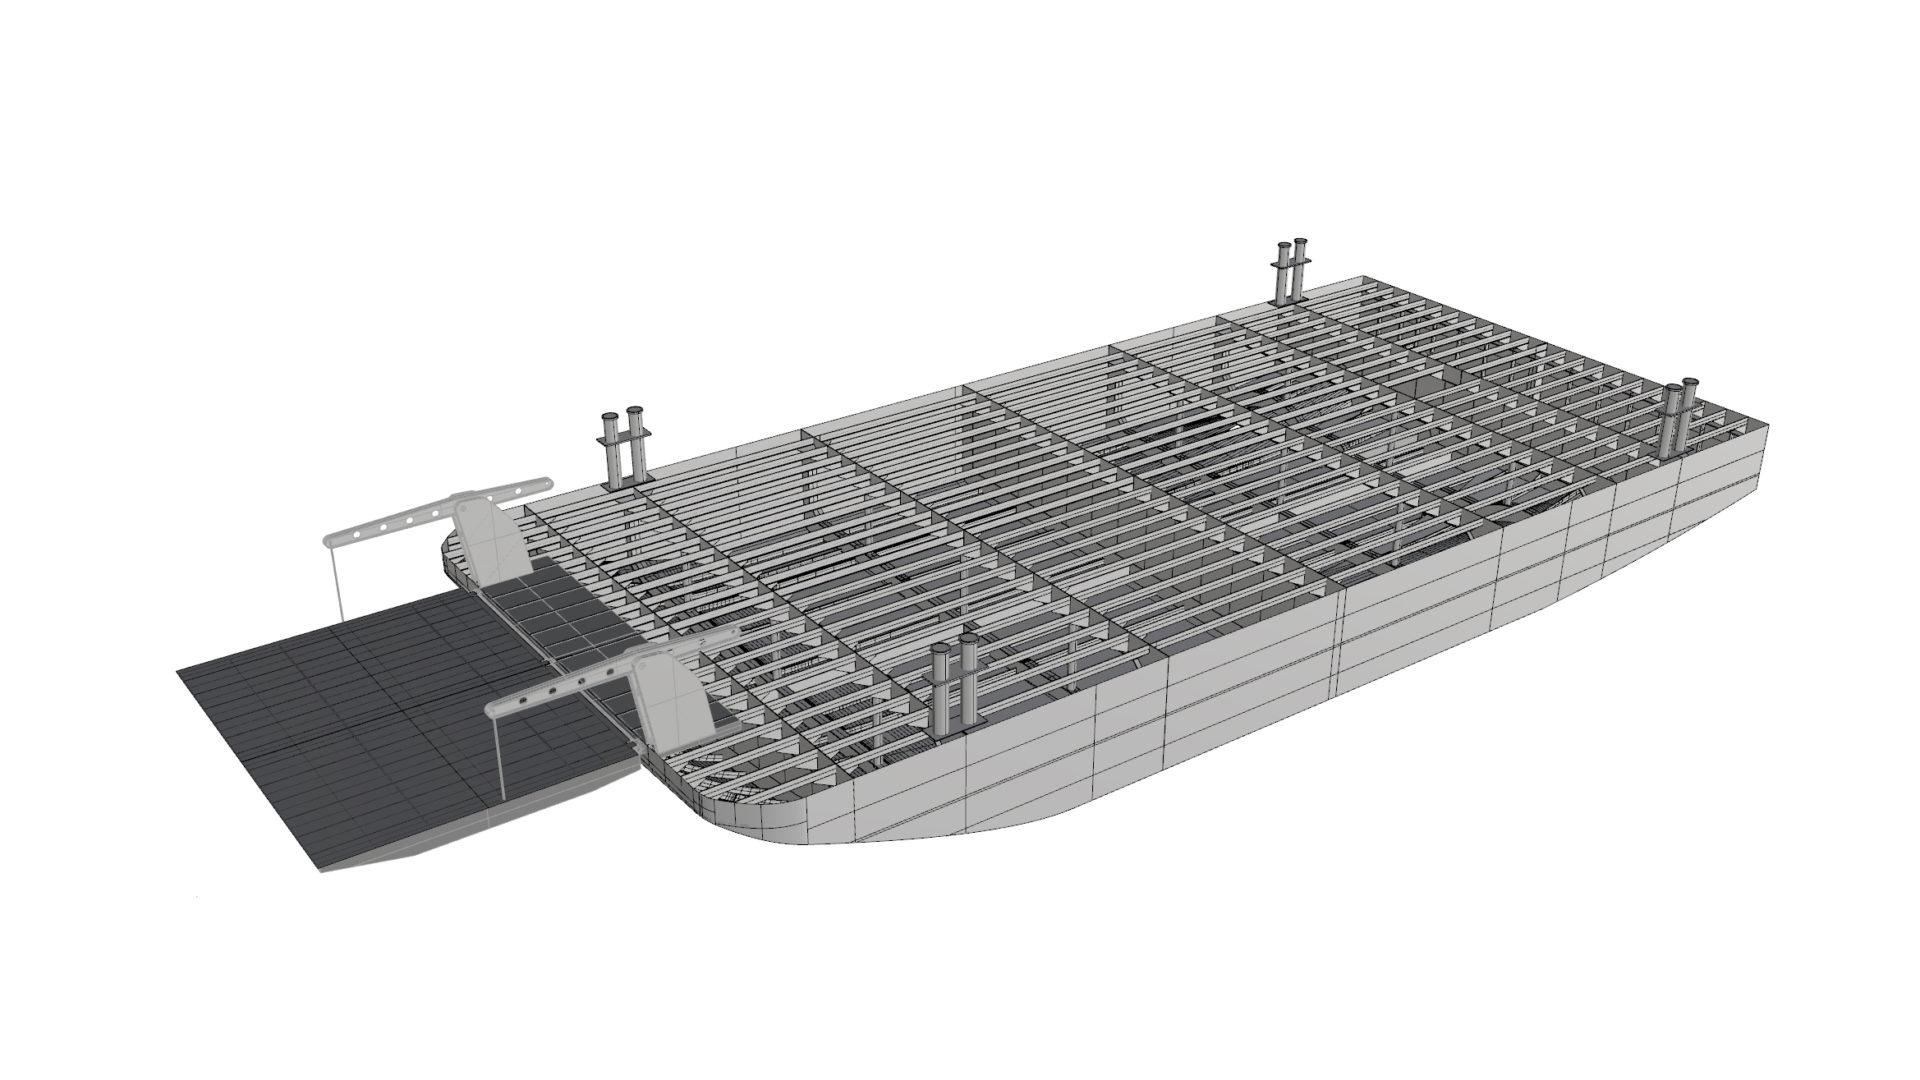 CAD-Modell eines Fährschiffes.